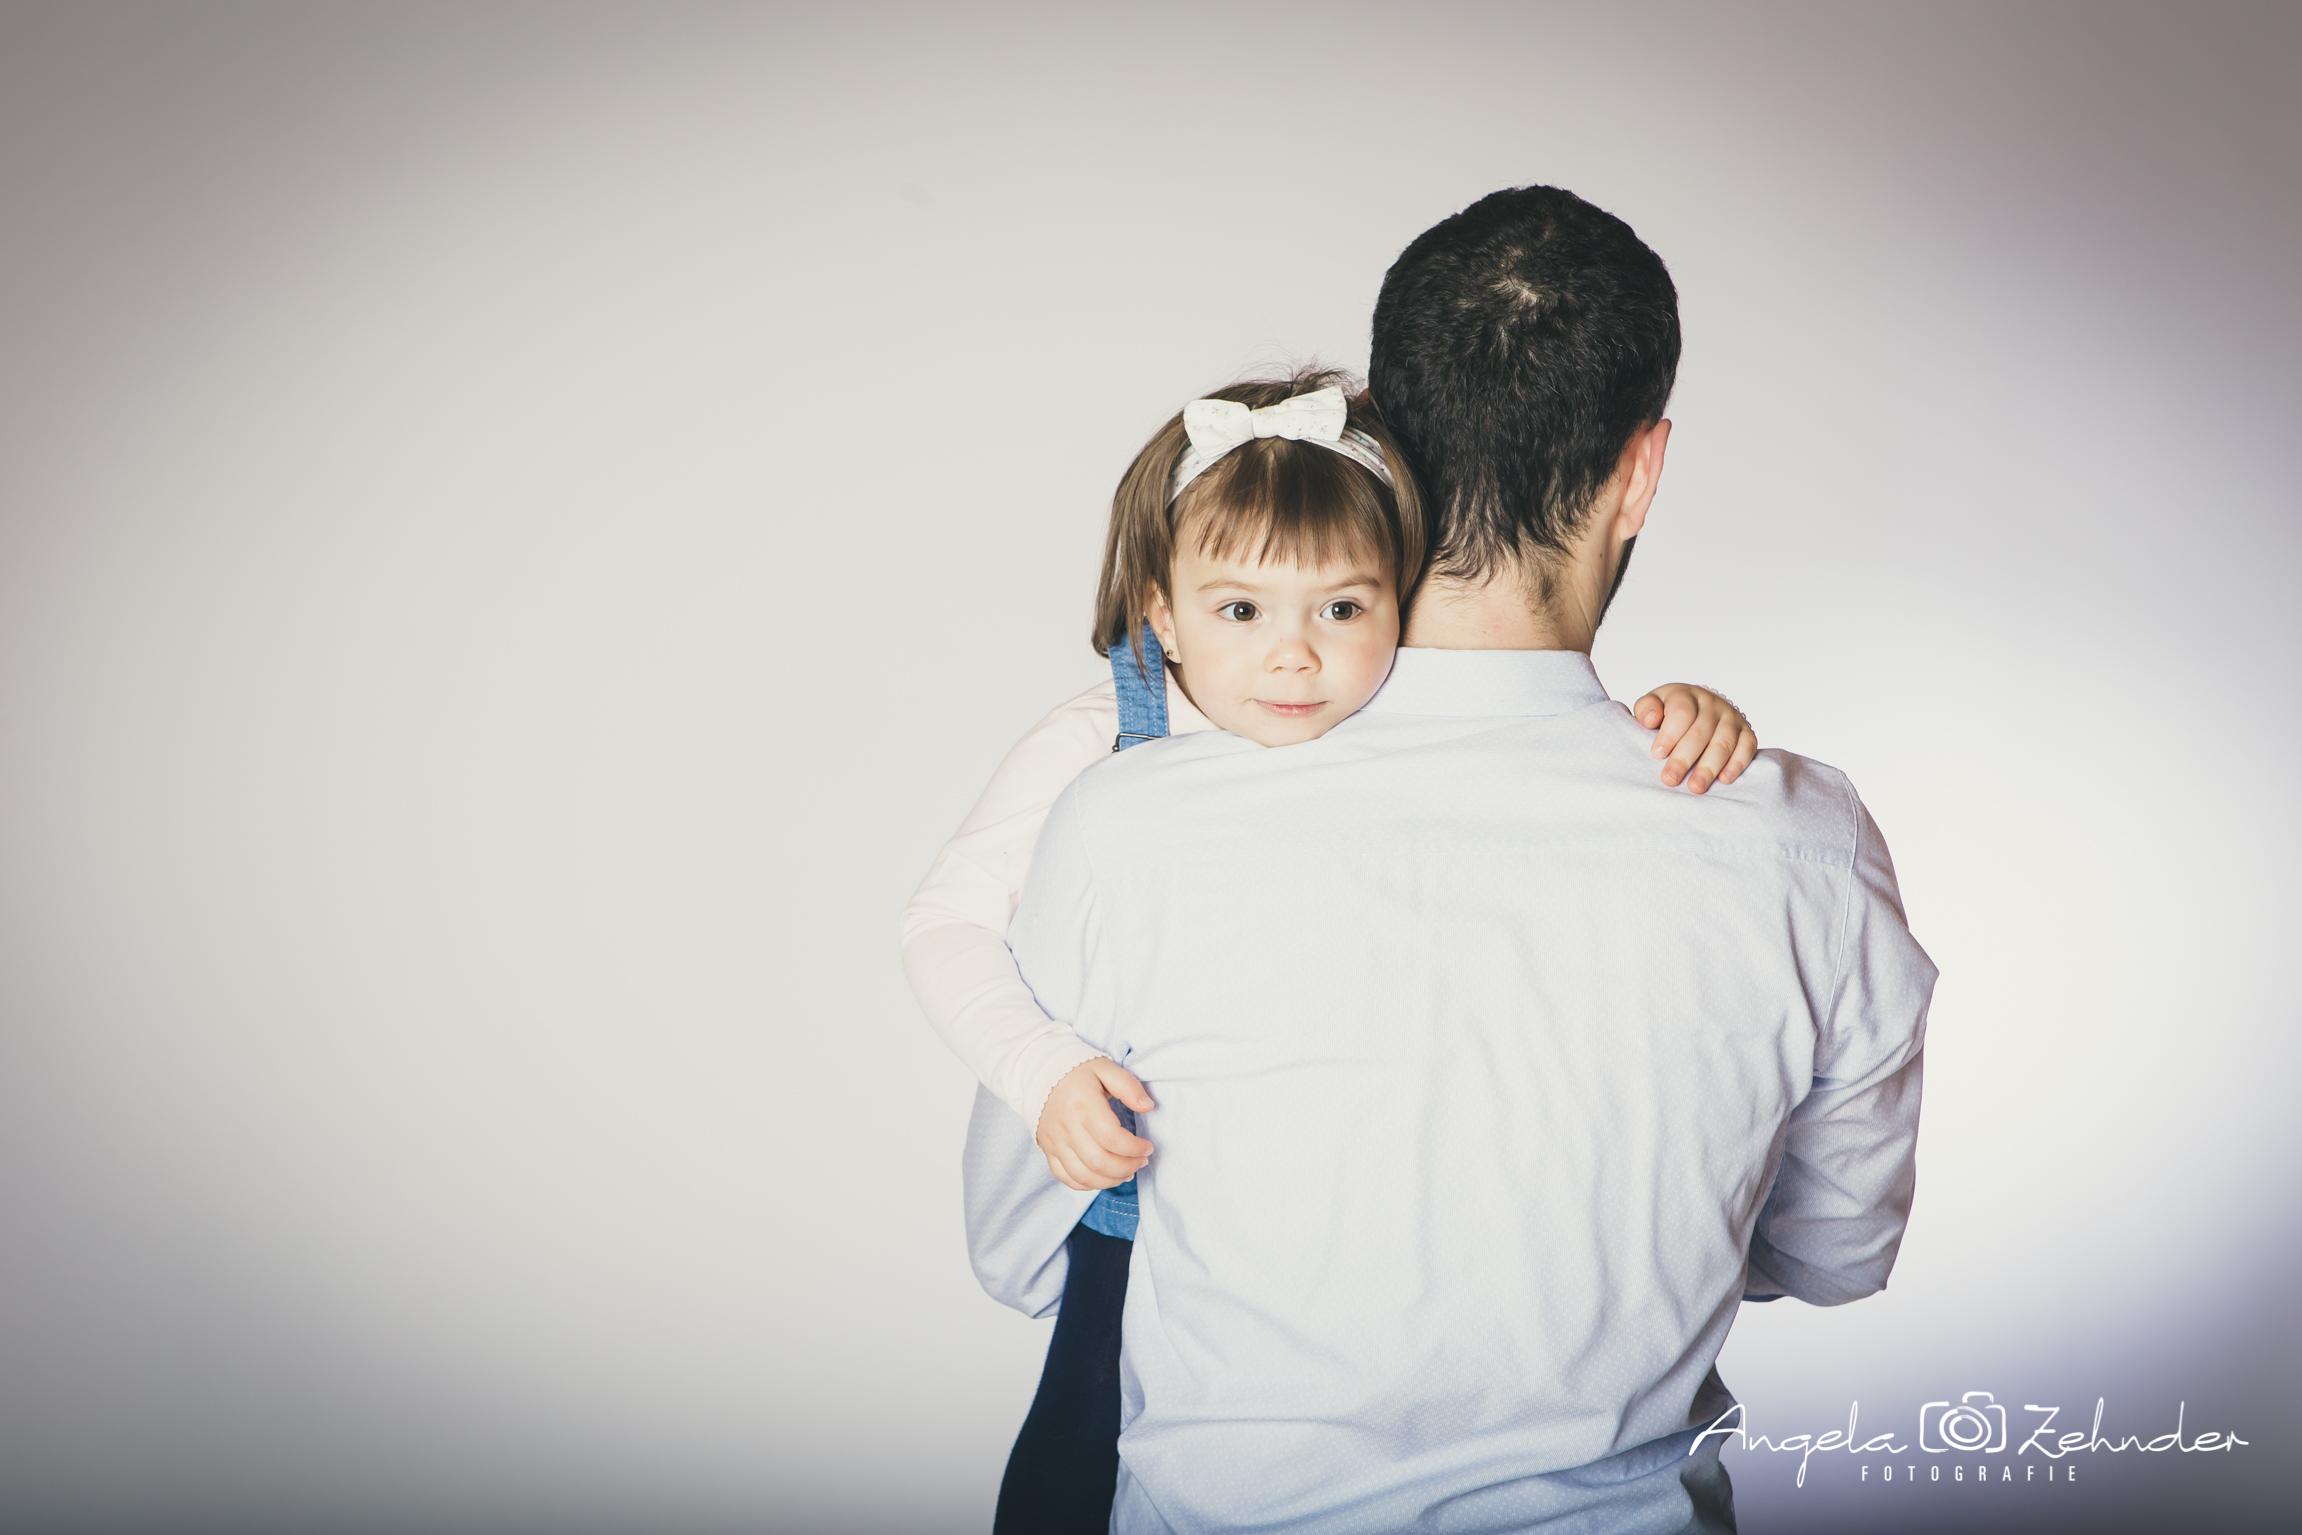 angel-zehnder-fotografie-family-36